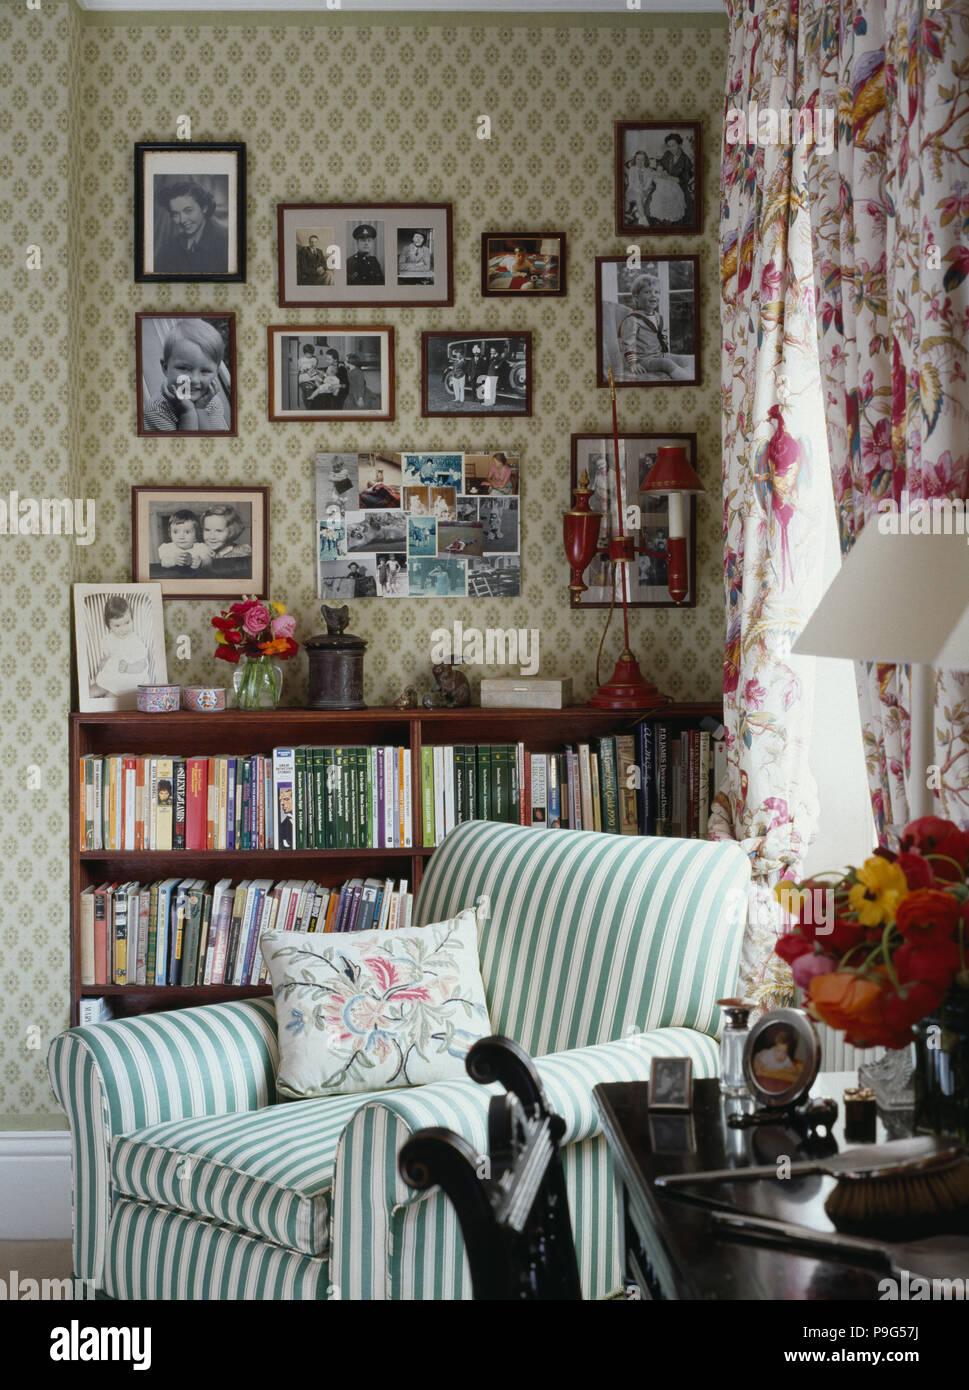 Schwarz / Weiß Fotografien An Wand über Bücherregale Im Wohnzimmer Mit Grün Weiß  Gestreiften Sessel